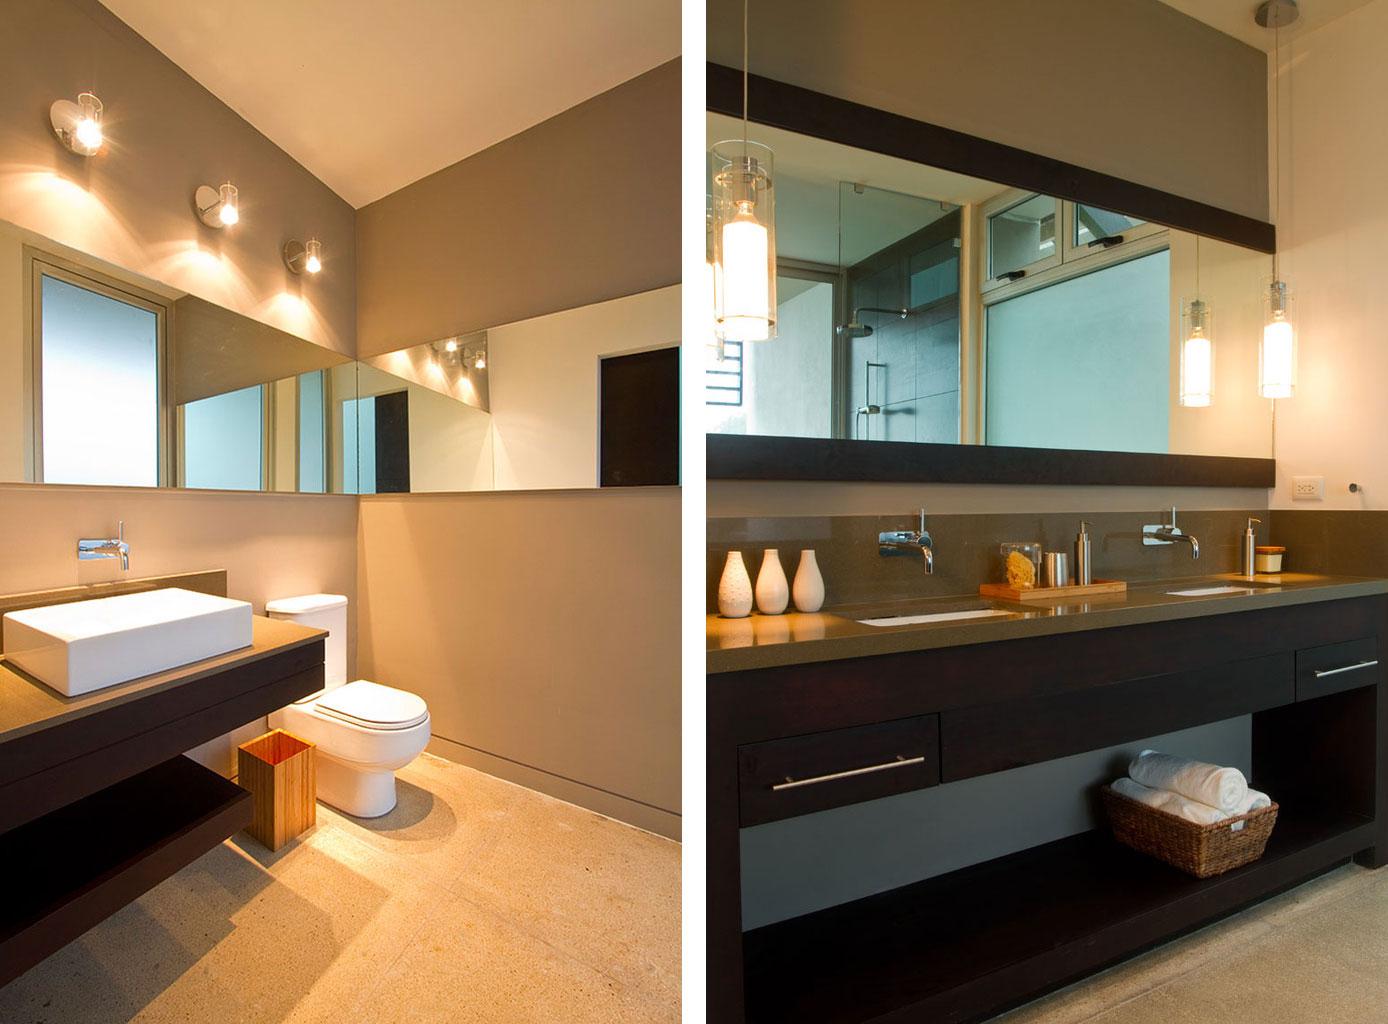 Bathroom-Design-Ideas-at-Luxury-Vacation-Home-in-Costa-Rica-Black-Beauty-Tierra-Villa